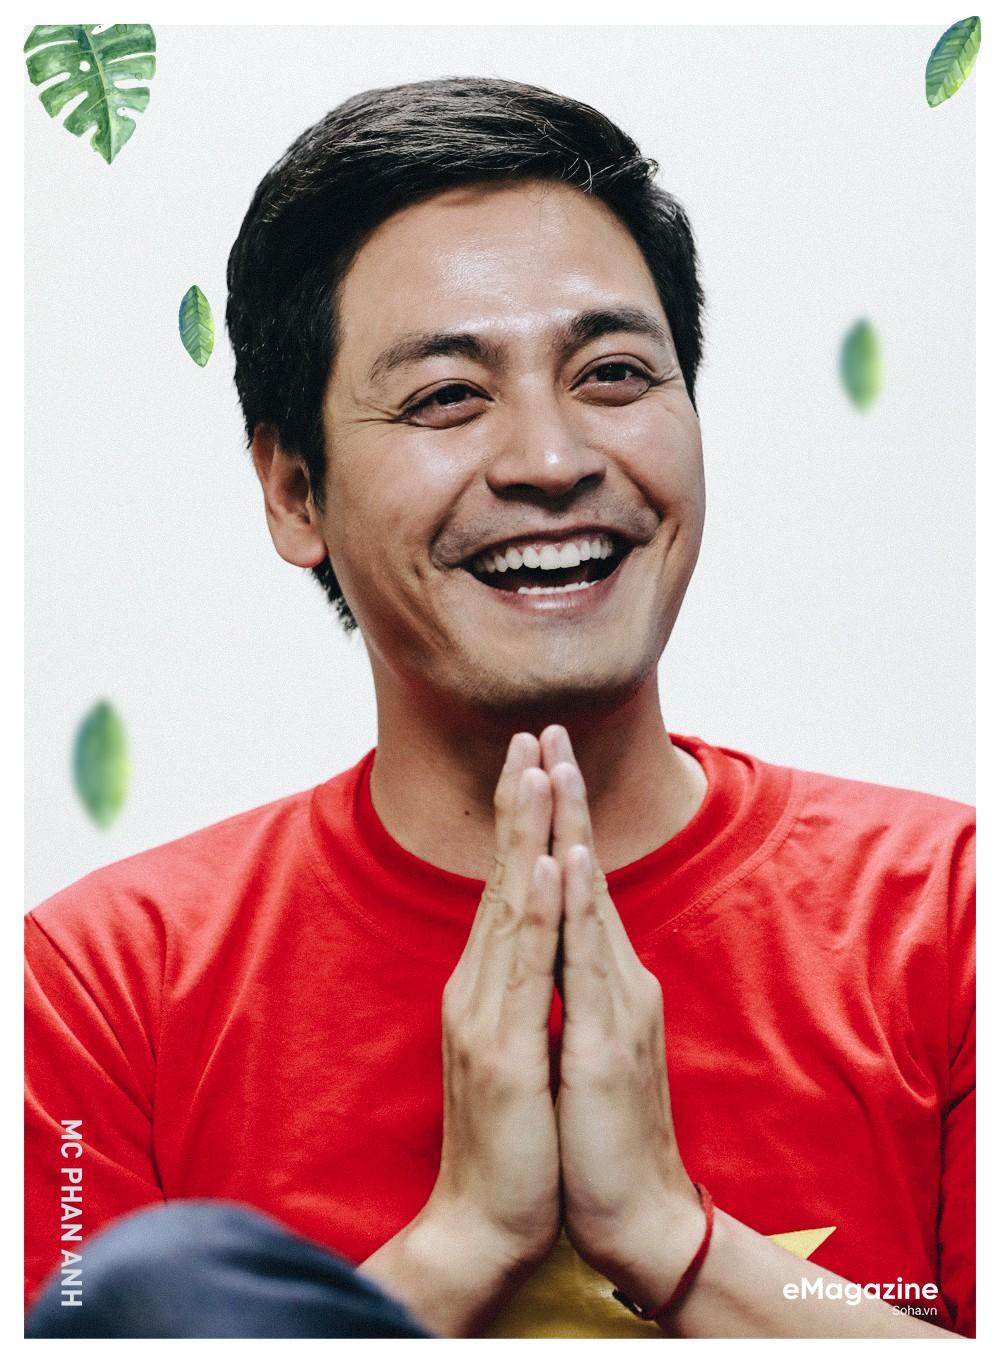 """MC Phan Anh: """"Có một buổi sáng sau khi ngủ dậy, tôi thấy tóc mình bạc trắng - Ảnh 7."""